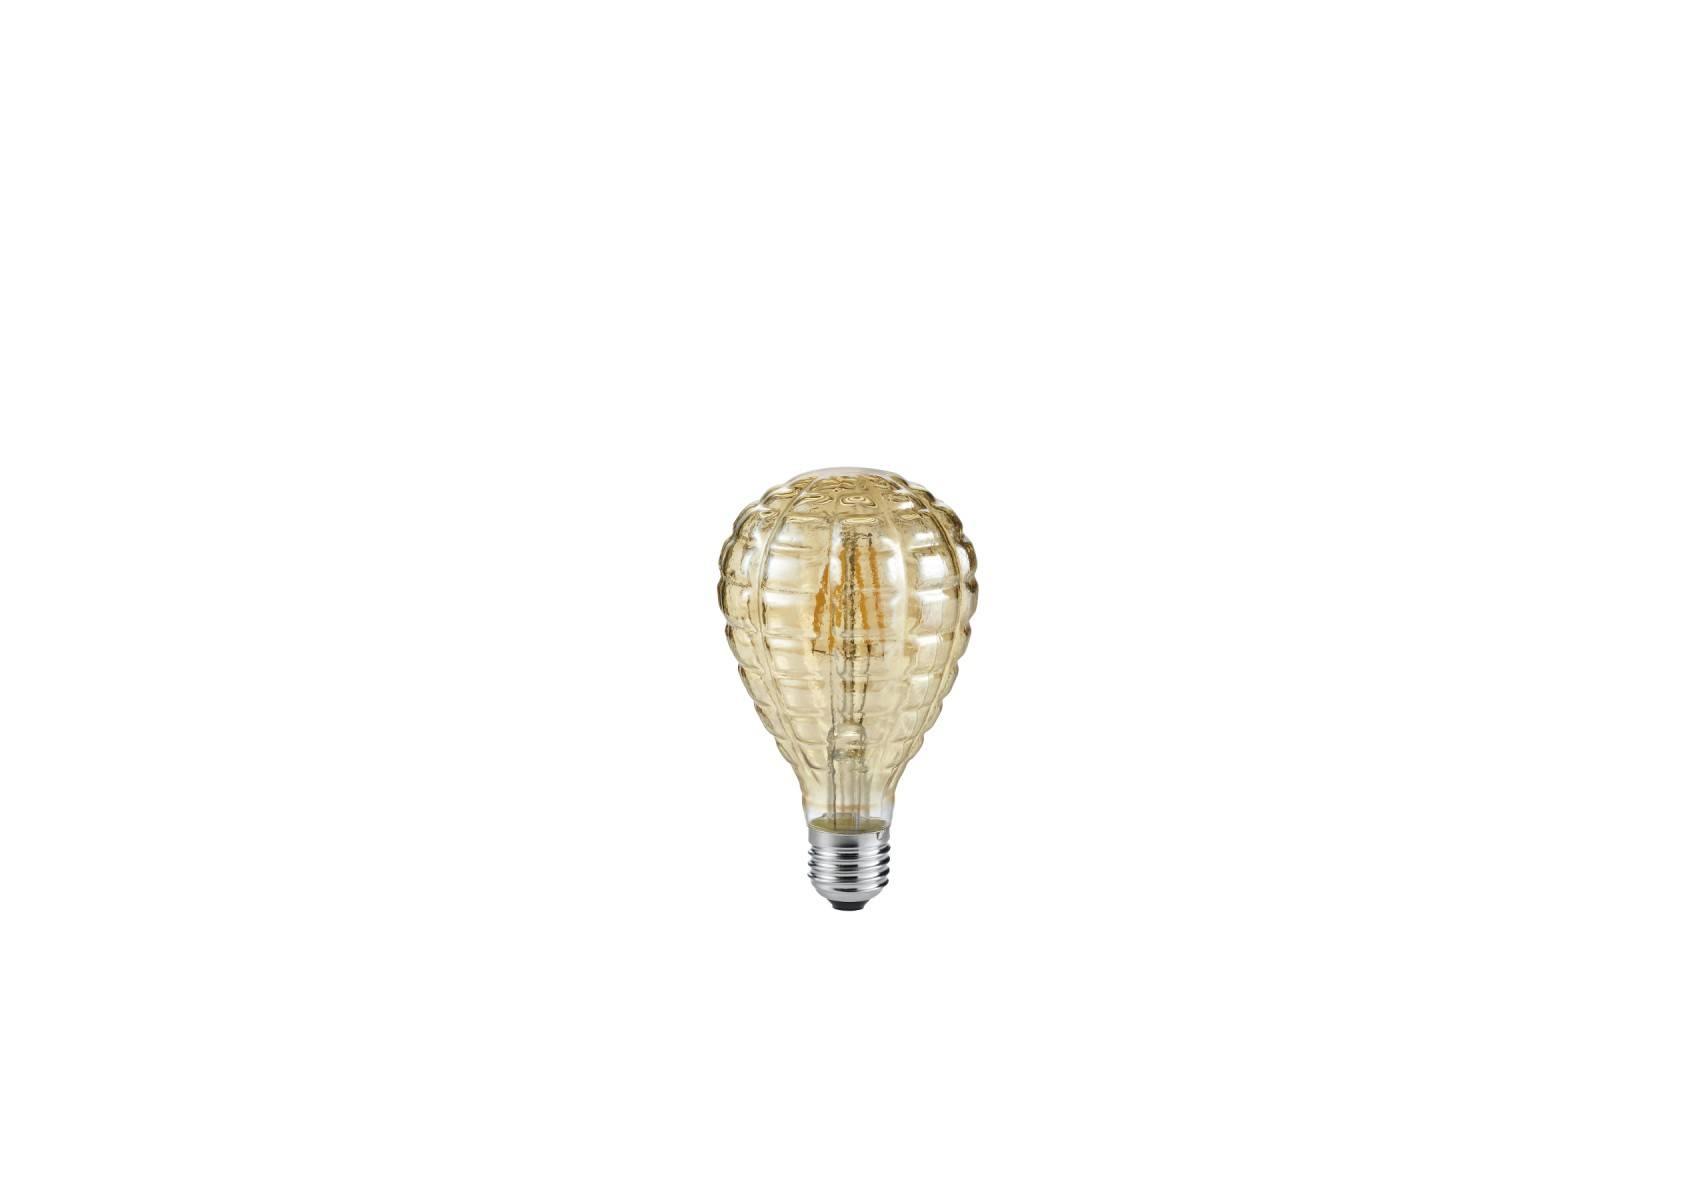 ampoule led e27 sphere design et conomique en seulement 4w. Black Bedroom Furniture Sets. Home Design Ideas